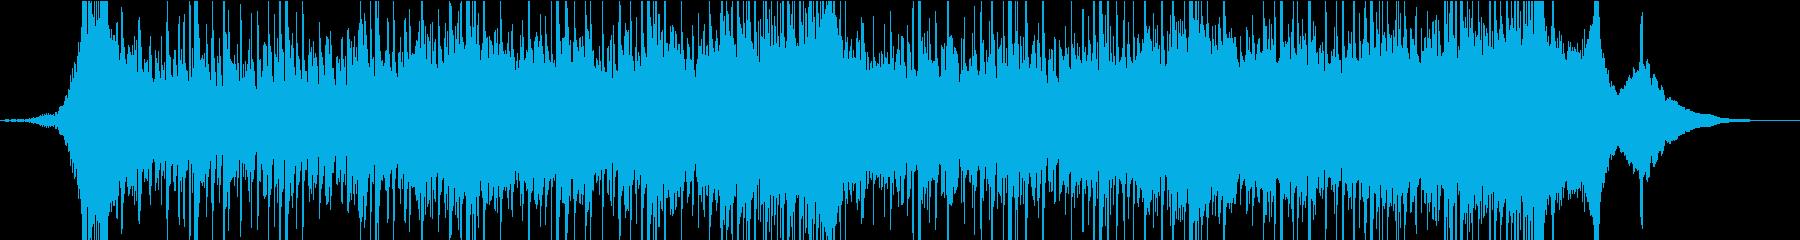 ポップ テクノ モダン 現代的 交...の再生済みの波形